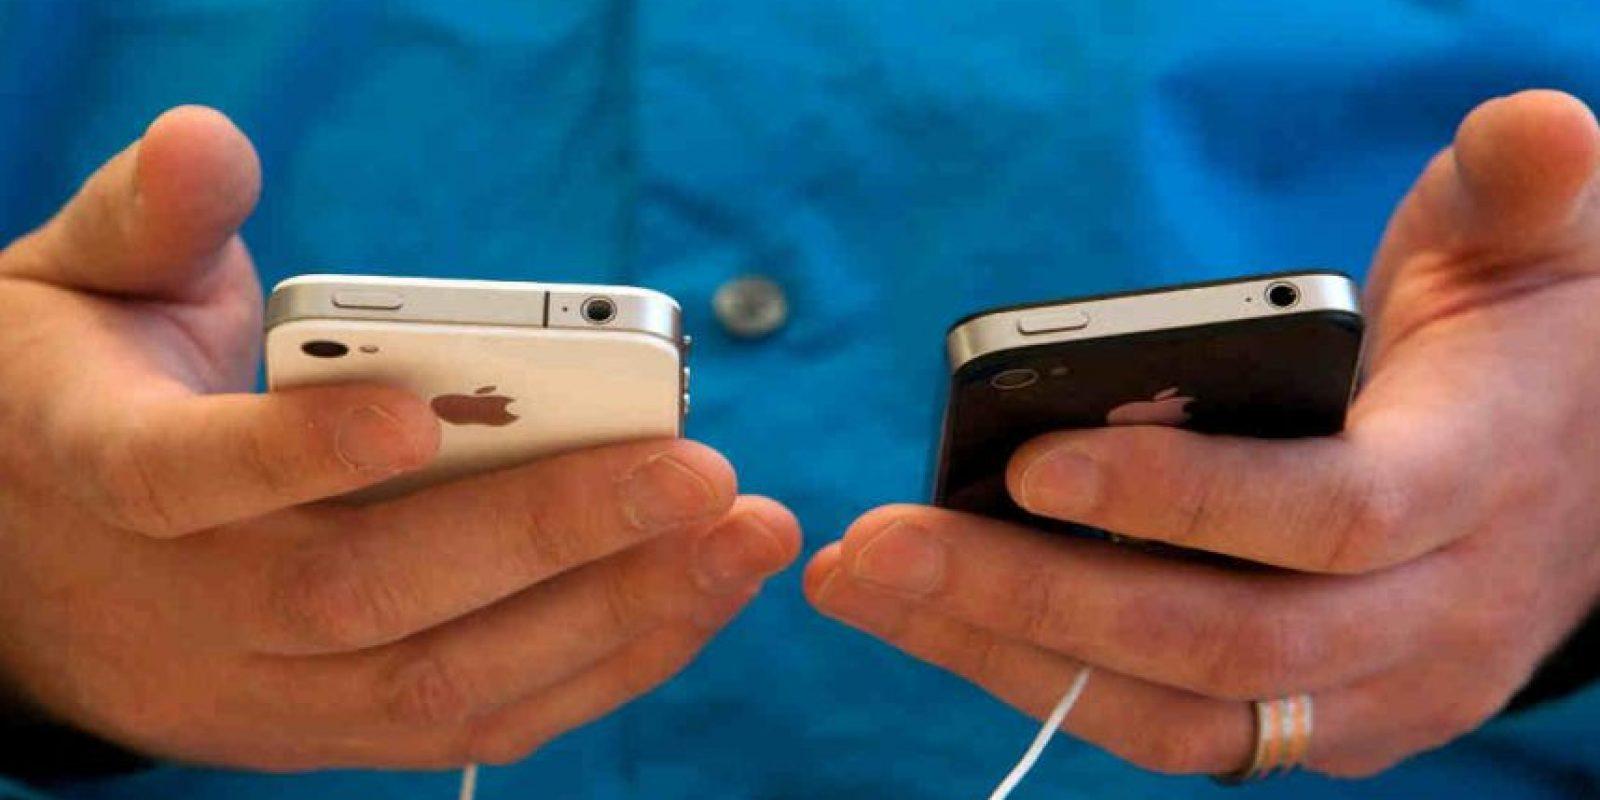 Se cree que saldrá en septiembre porque es cuando Apple suele presentar su iPhone nuevo. Foto:Getty Images